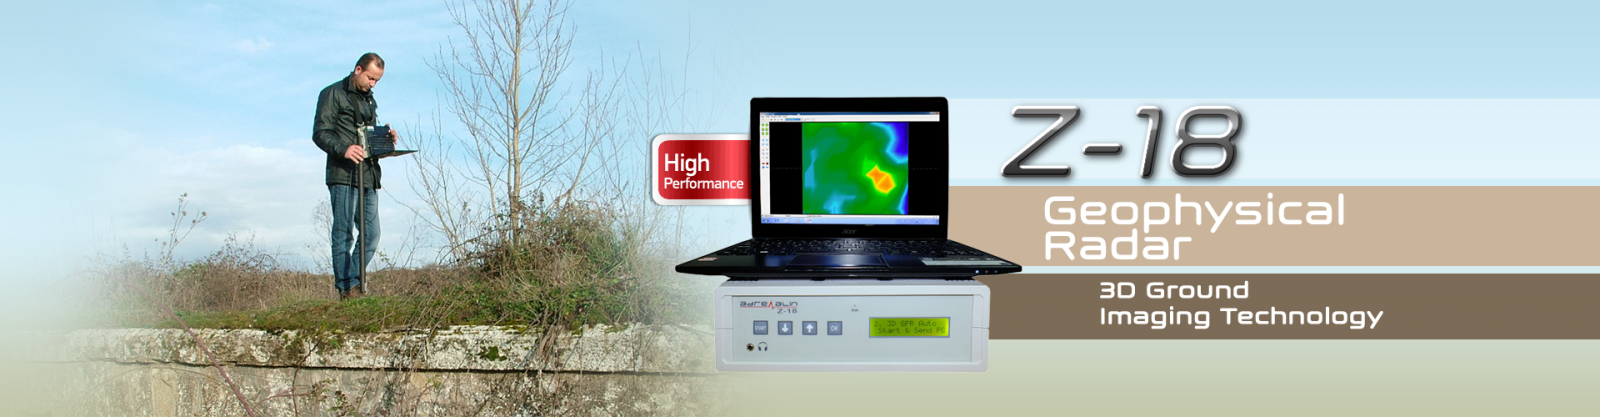 görüntülü-gpr-radar-jeofizik-cihazi-z18